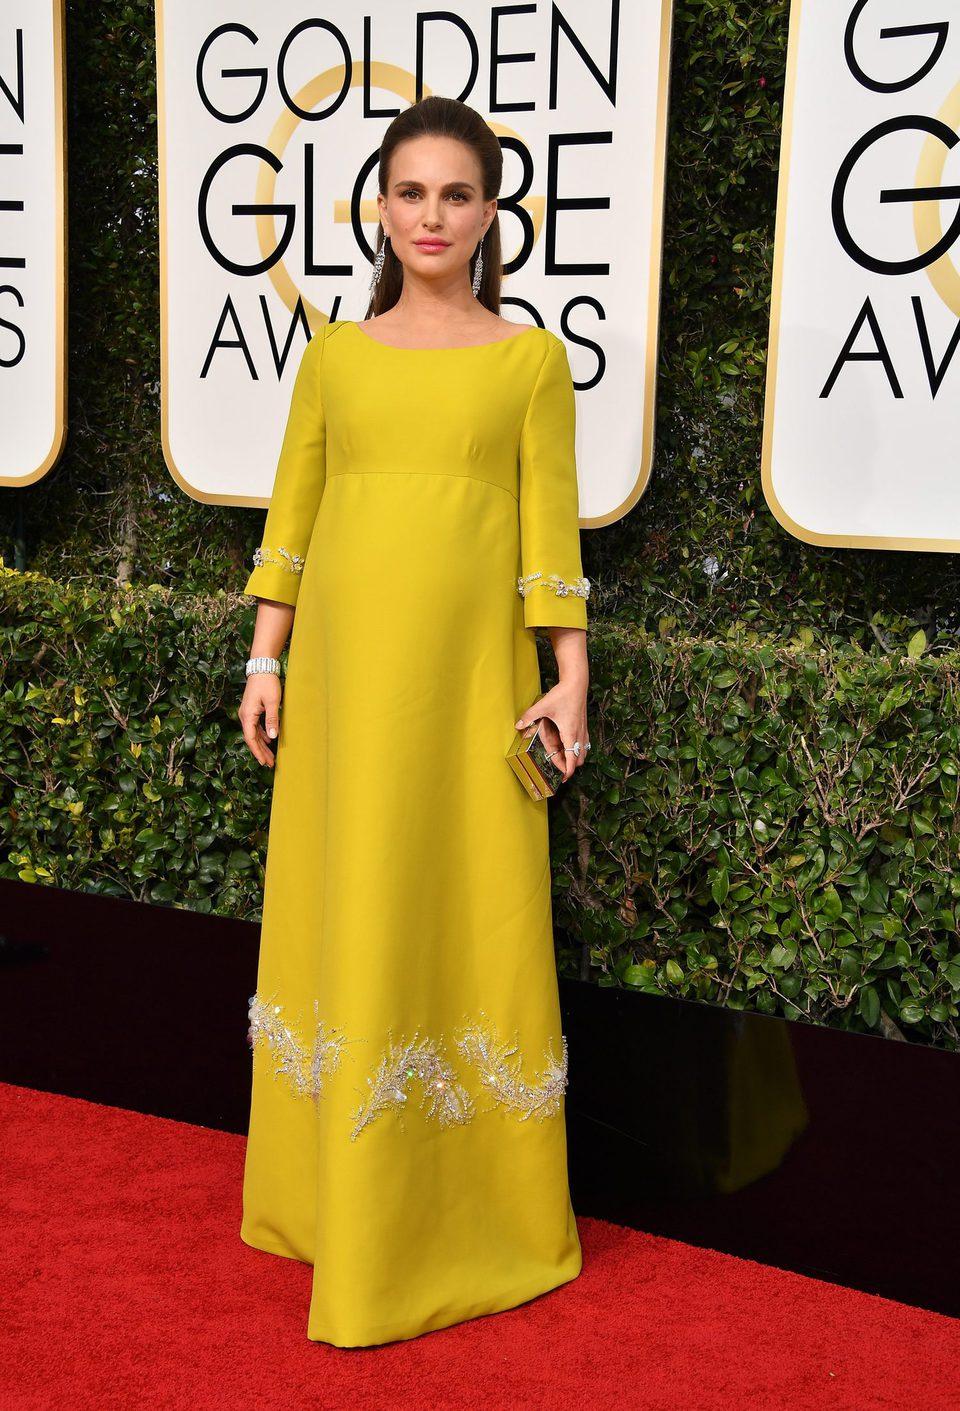 Natalie Portman at Golden Globes 2017 red carpet